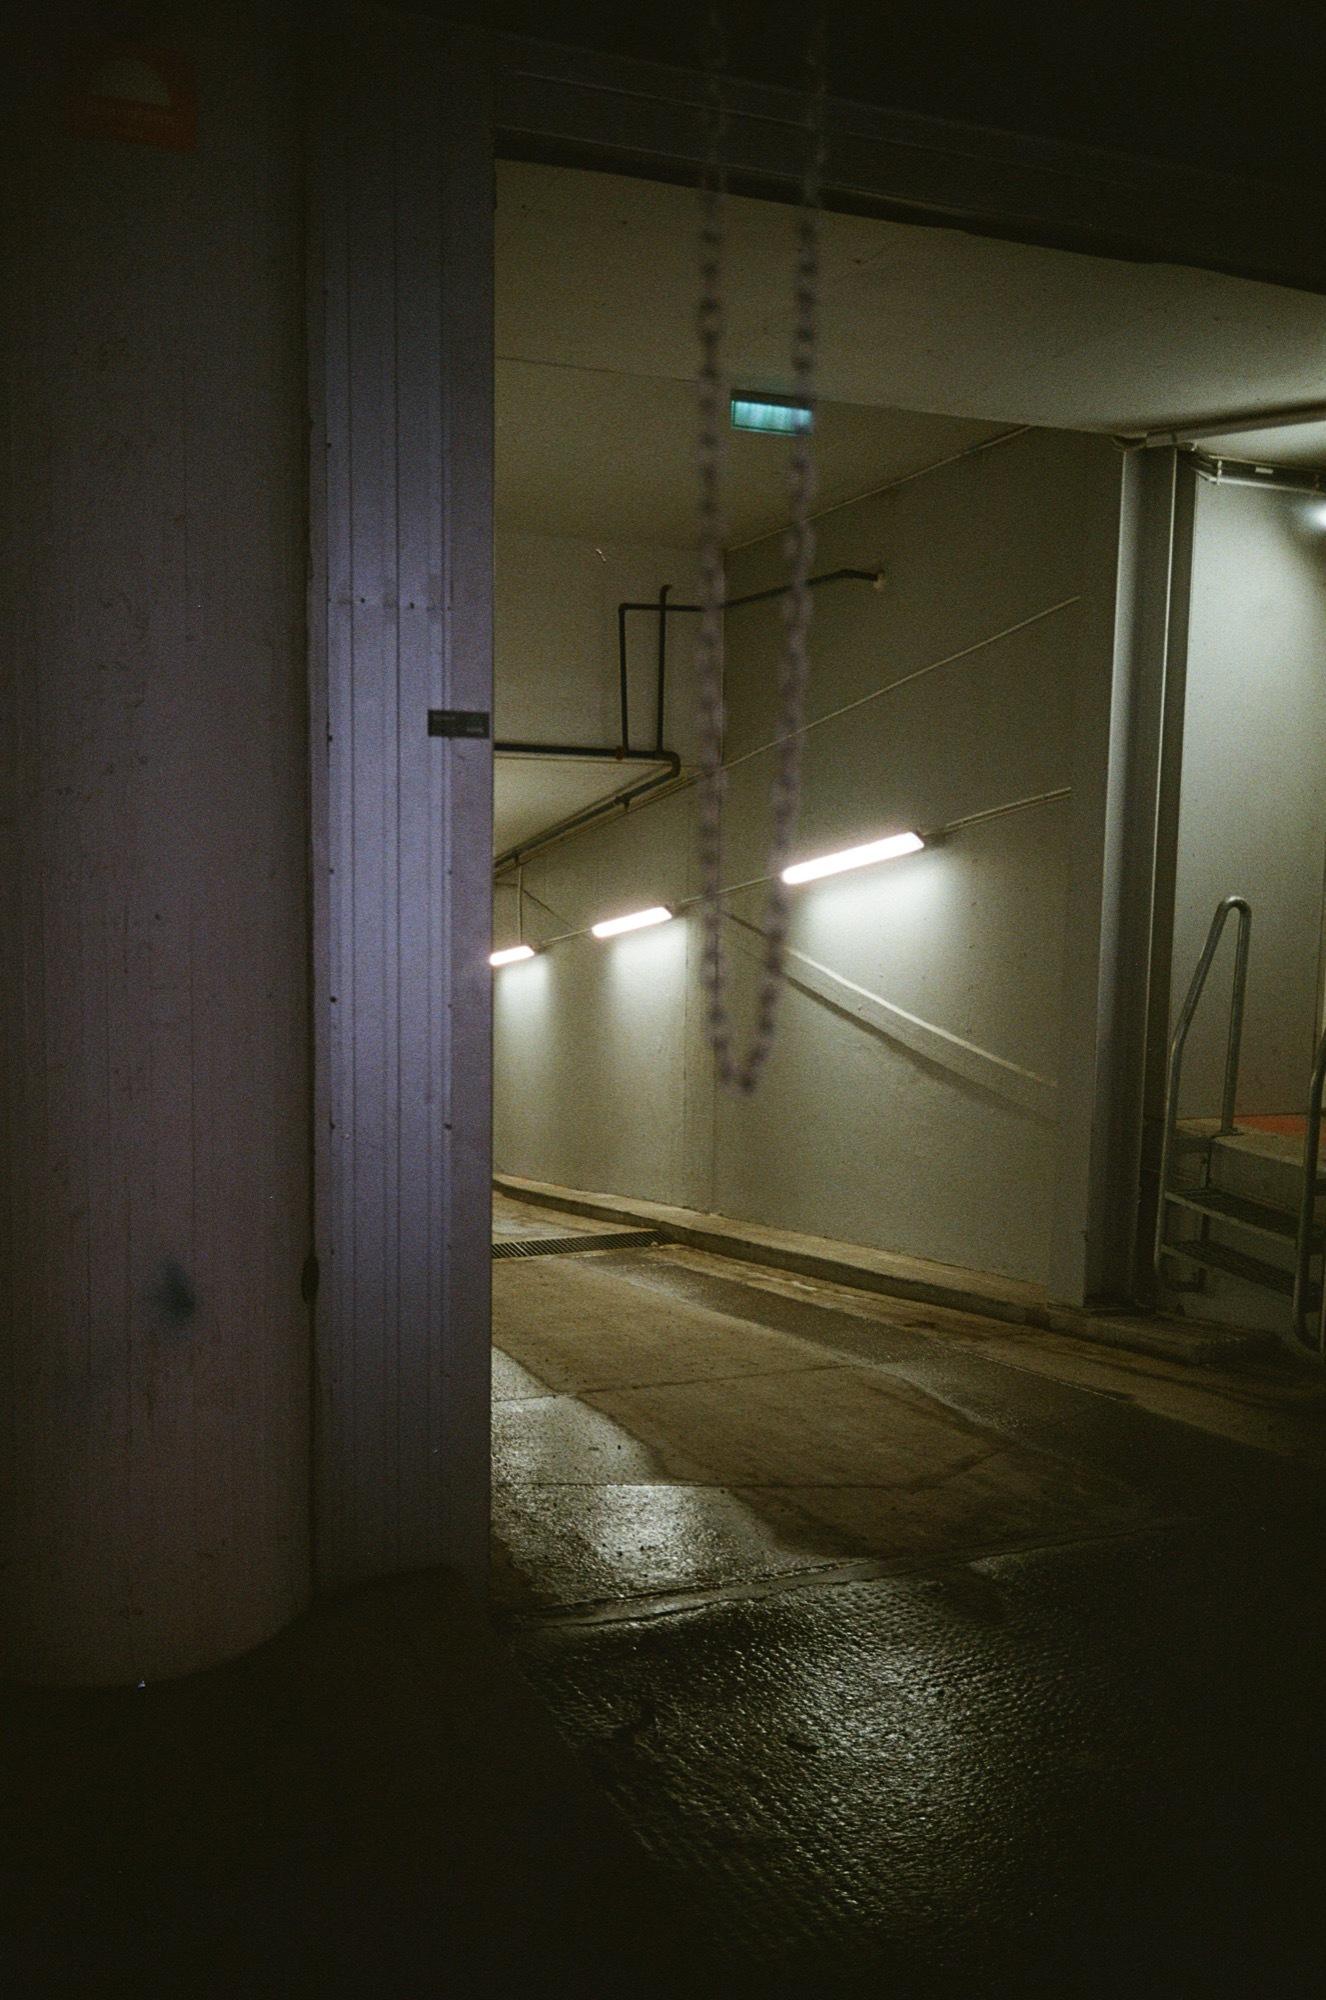 cameraville_leica_mda_stockholm_avenon_28mm_kodak_gold_400_29.jpg